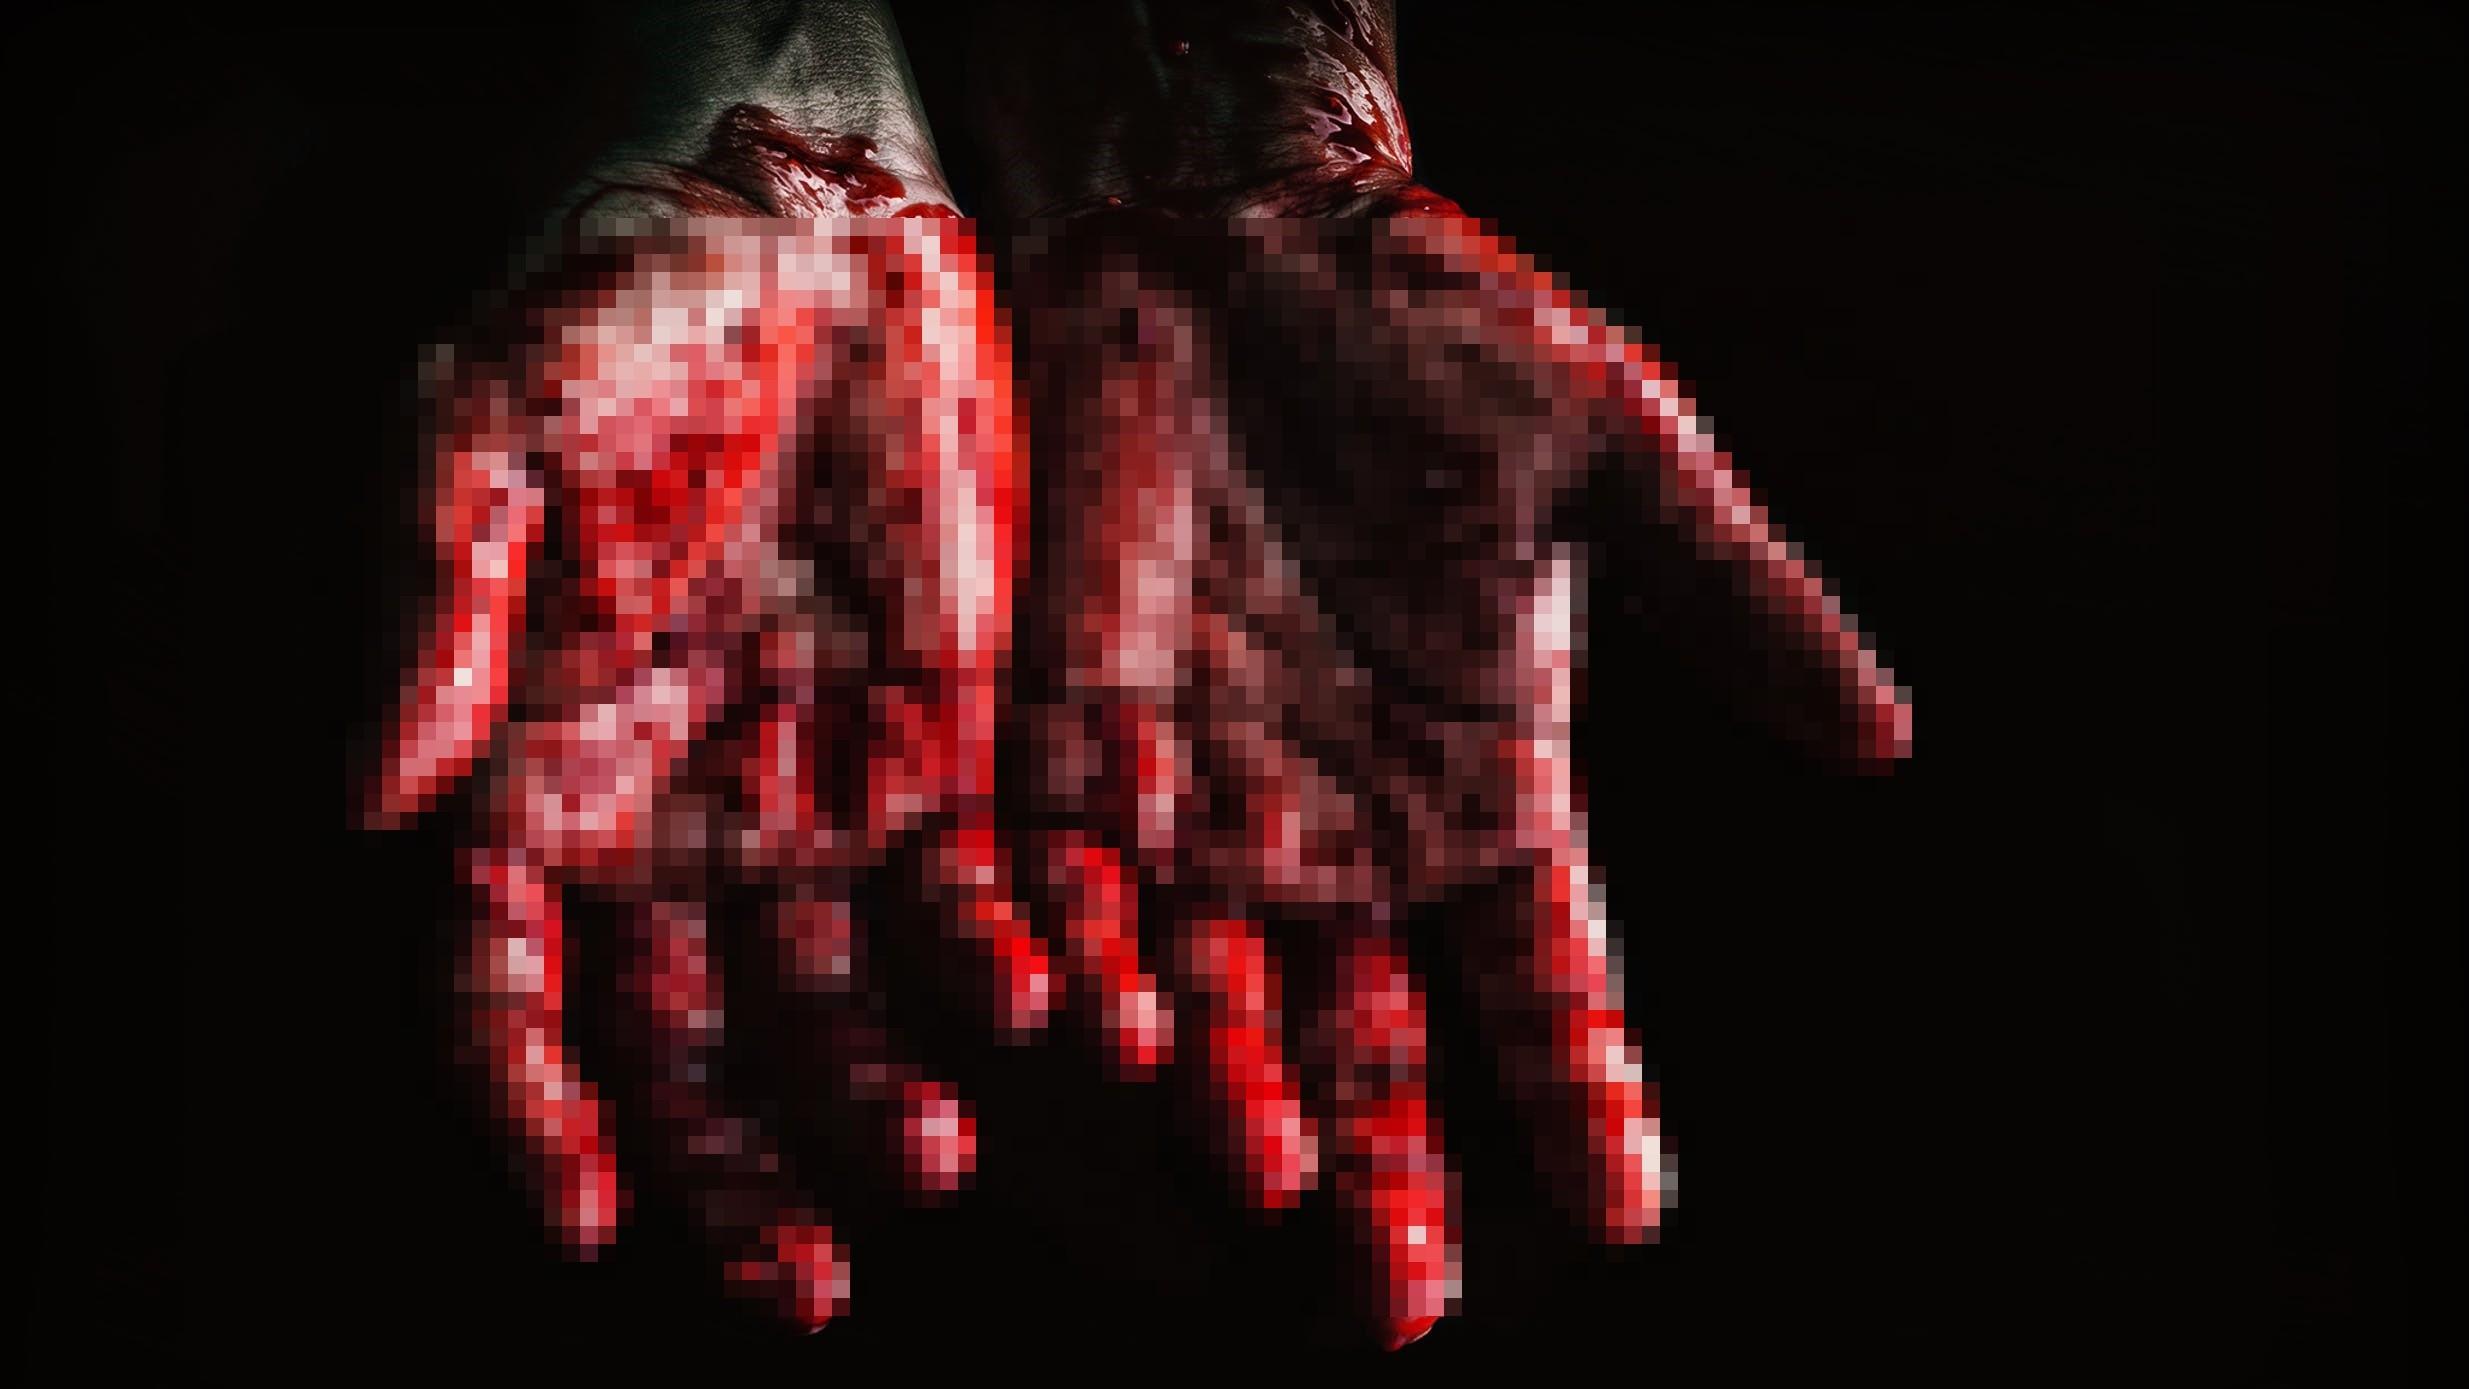 ▲▼充滿血跡的手。(圖/取自免費圖庫Pexels)